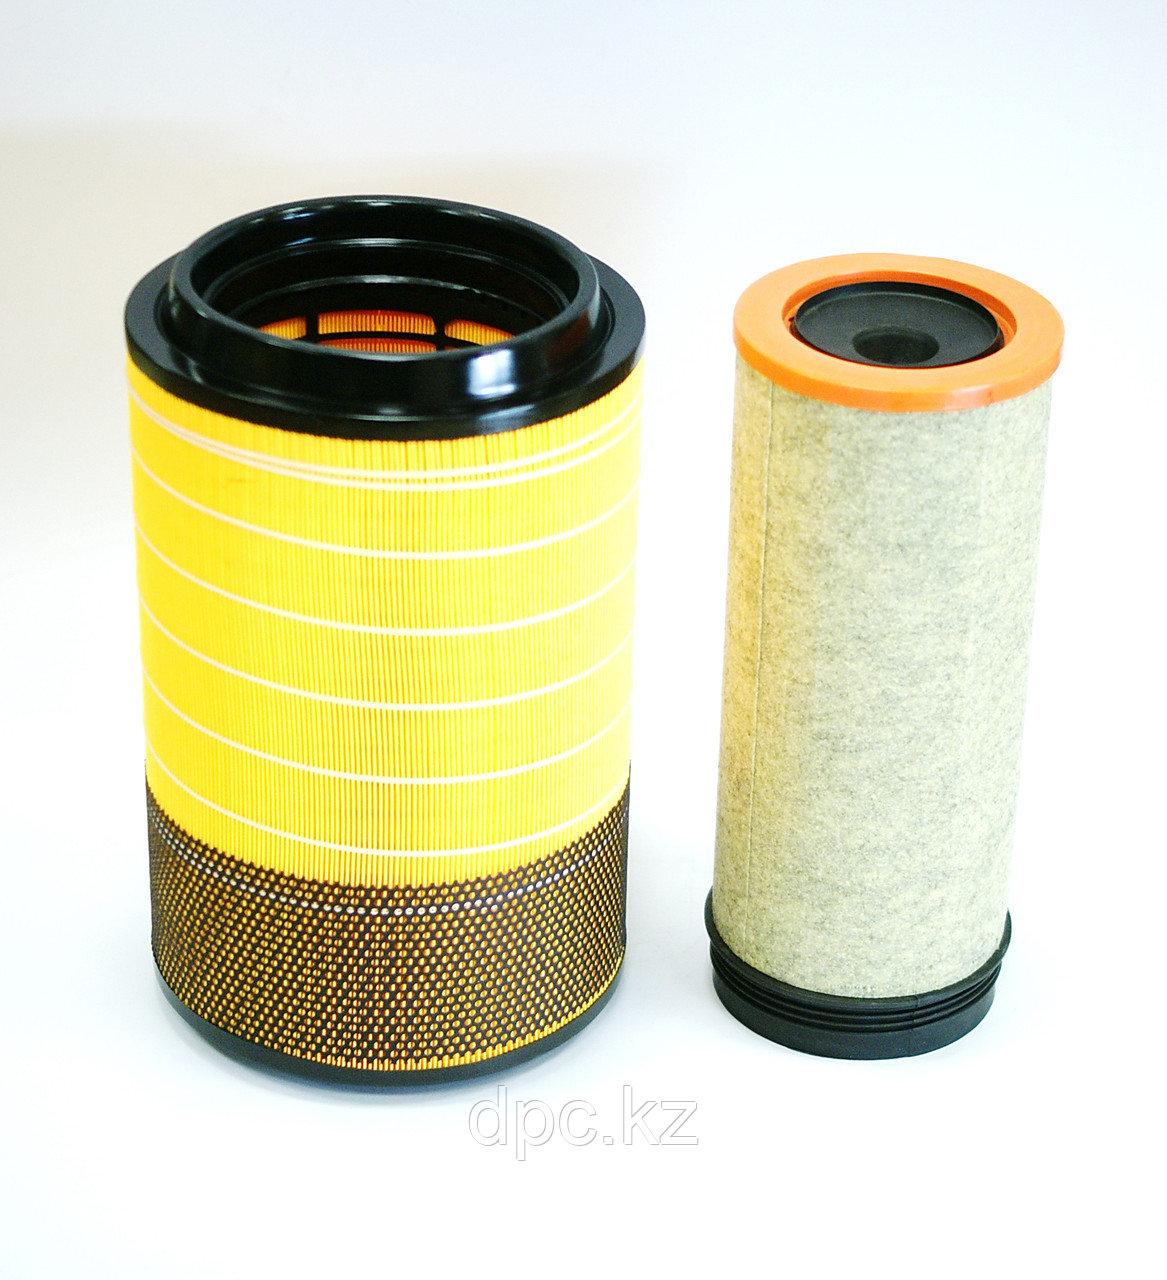 Фильтр воздушный K2841 K2841PU KW2841